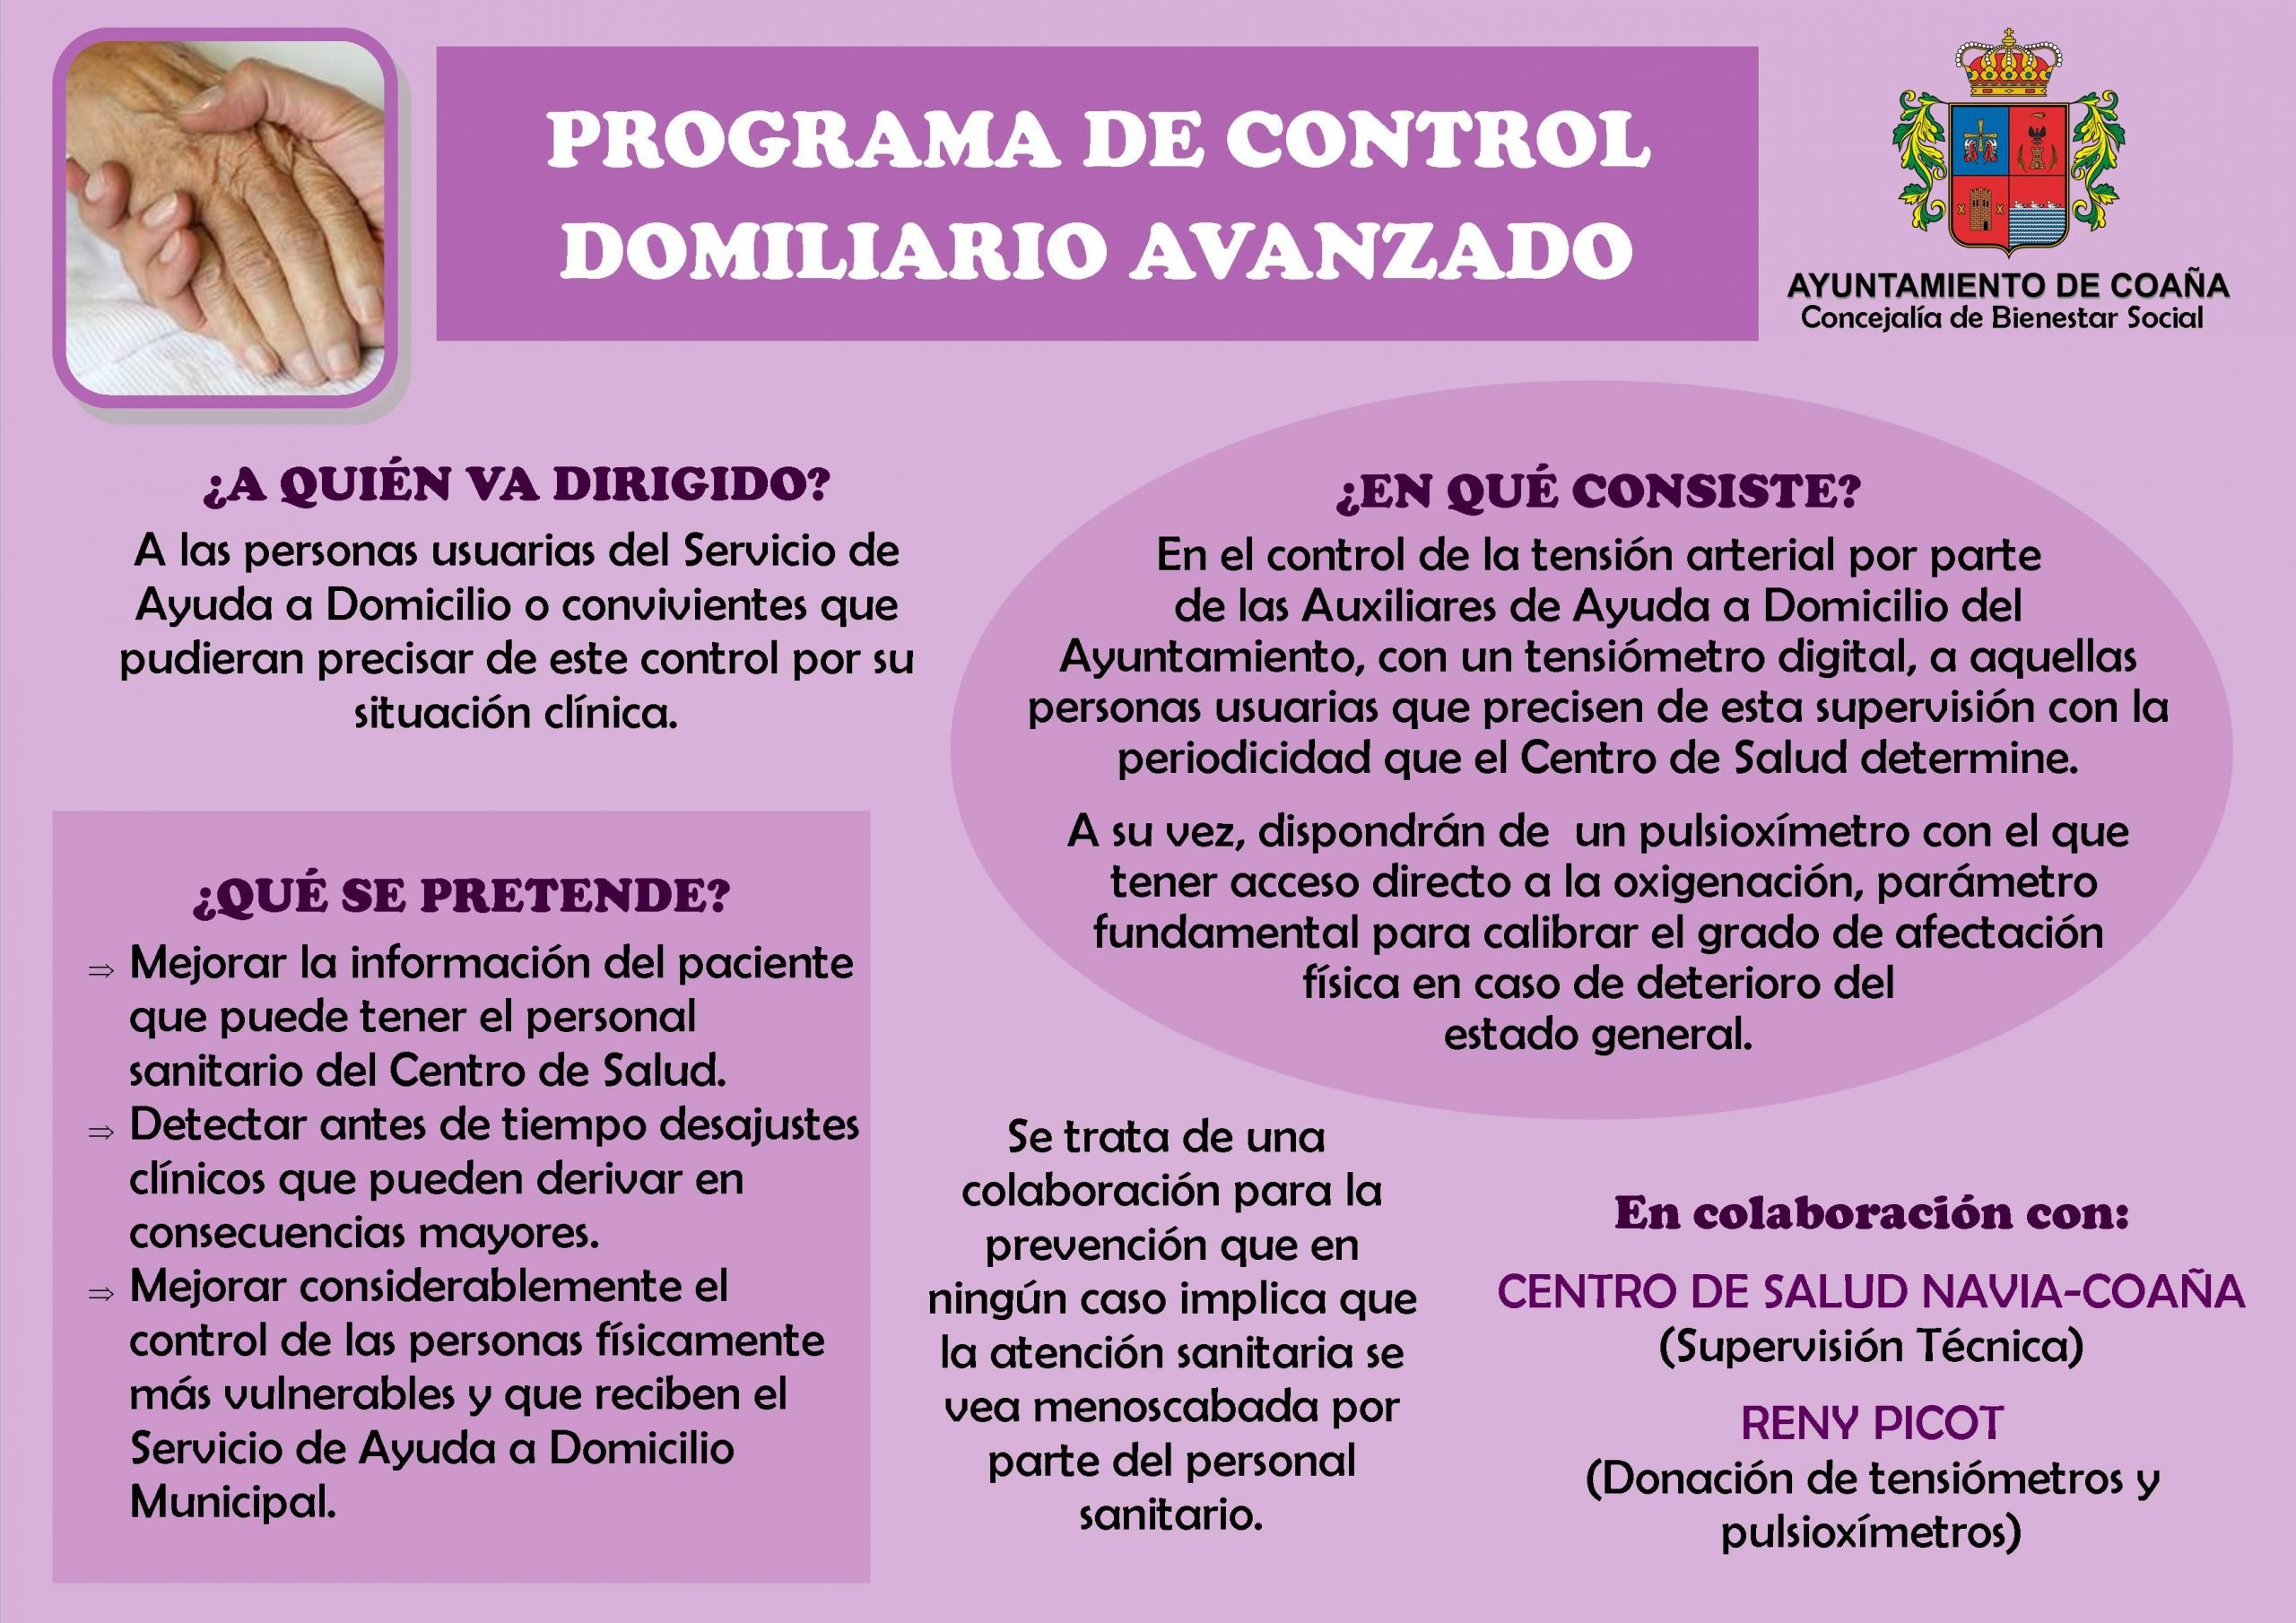 Coaña pone en marcha el Programa de Control Domiciliario Avanzado